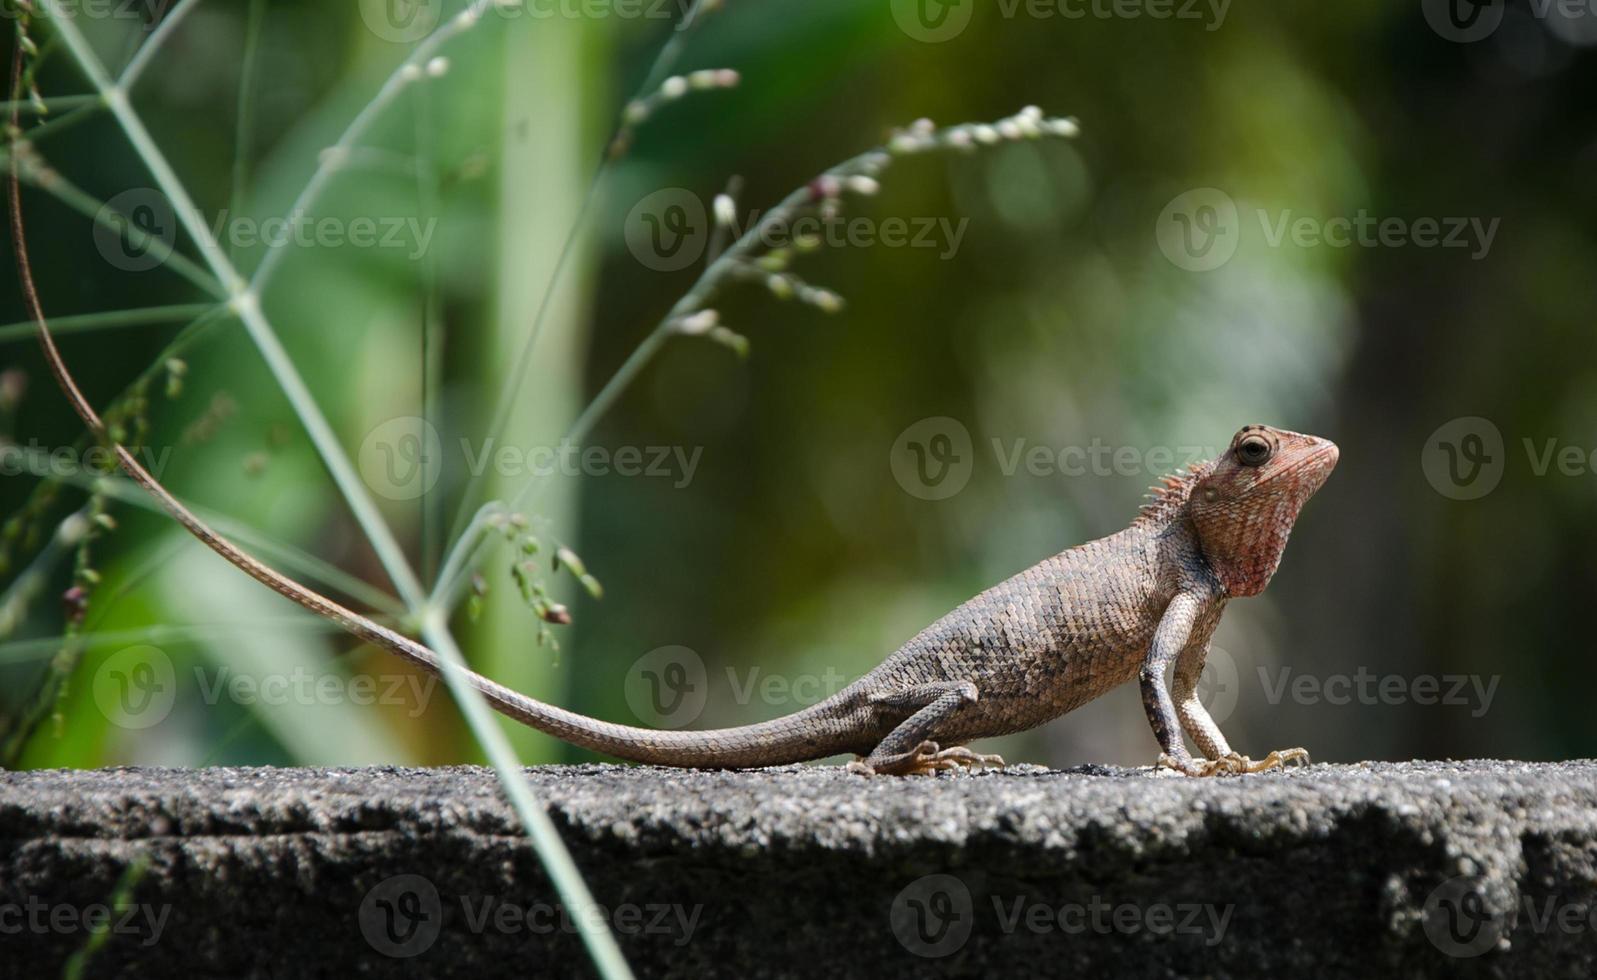 kleine draak. hagedis in de natuur, foto